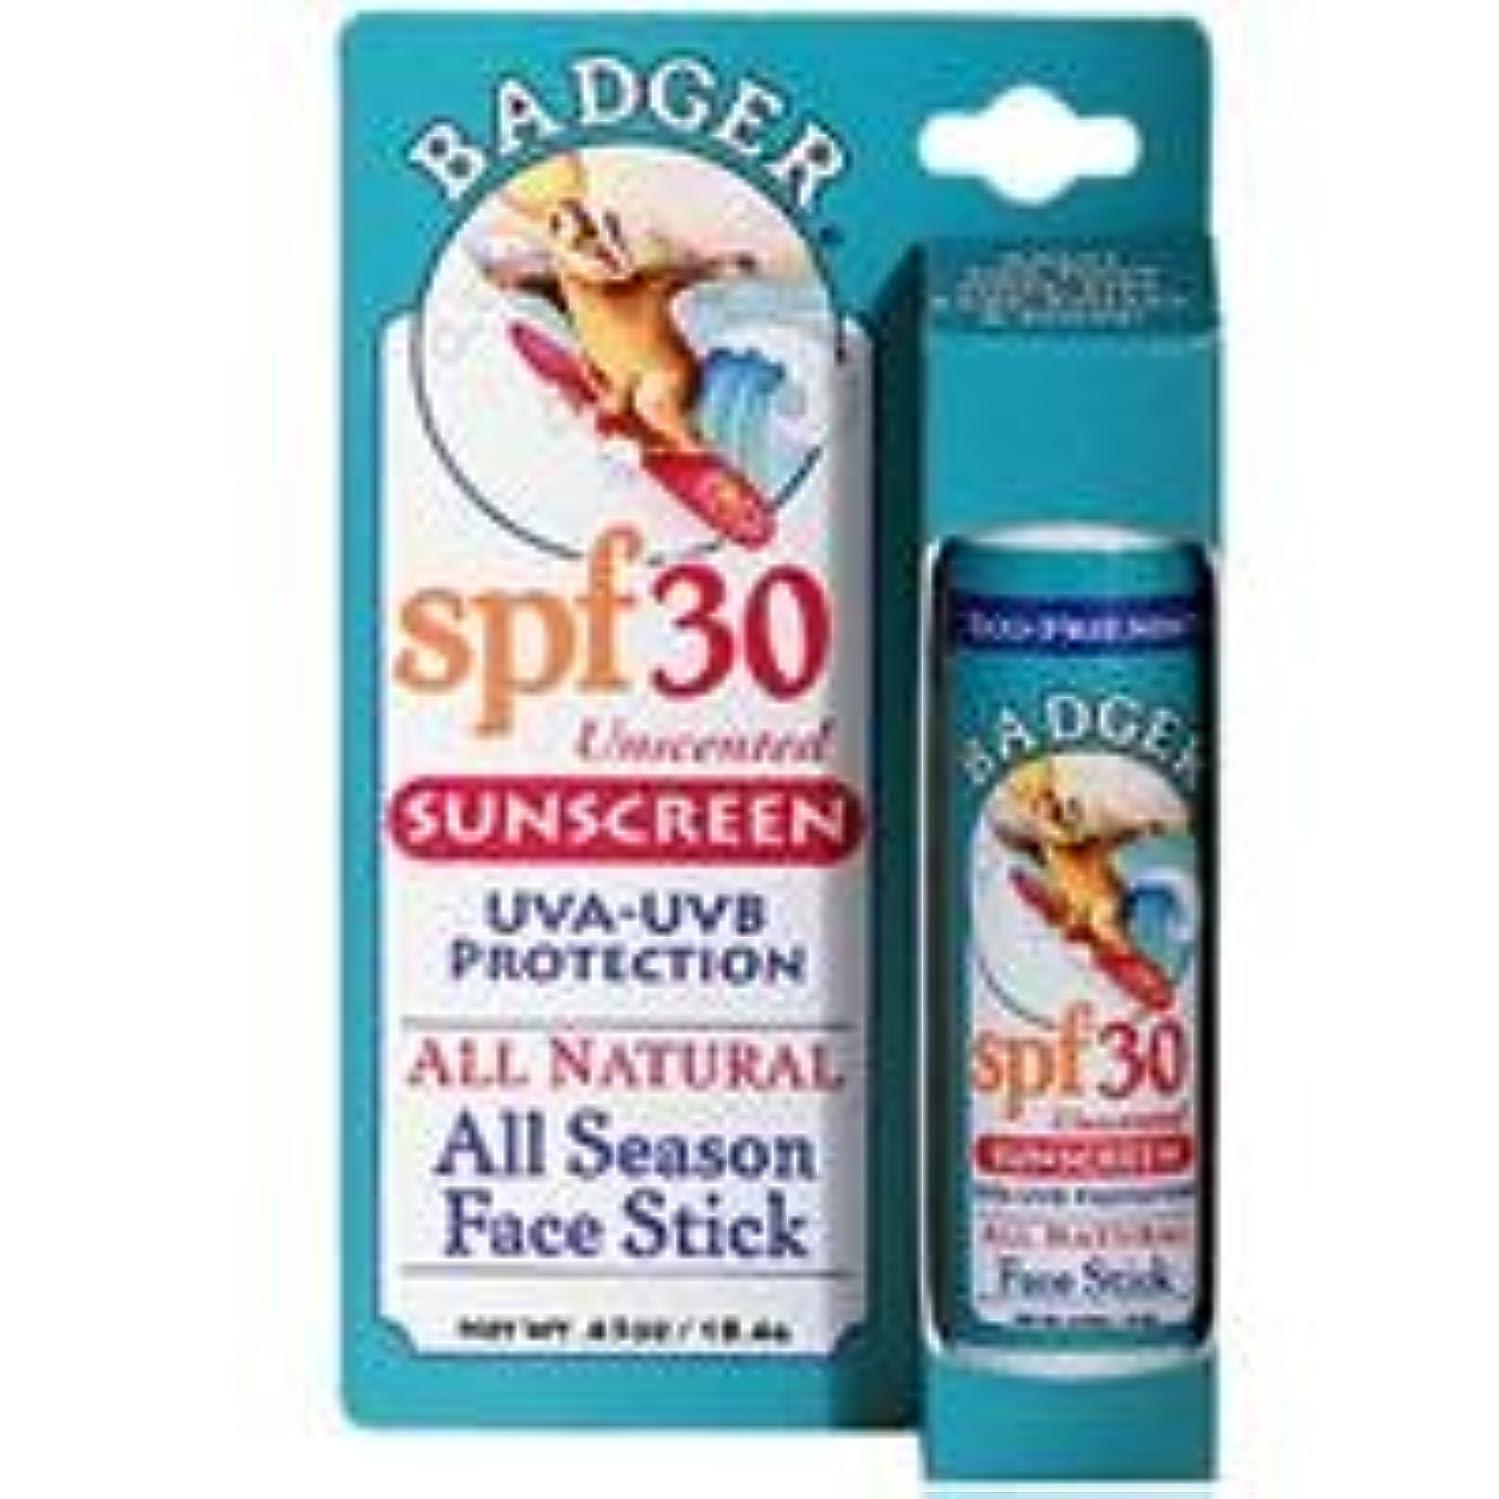 ガレージ伸ばすサルベージ[海外直送品] バジャー(Badger) フェイススティック サンスクリーン SPF30 18.4g (無香料)